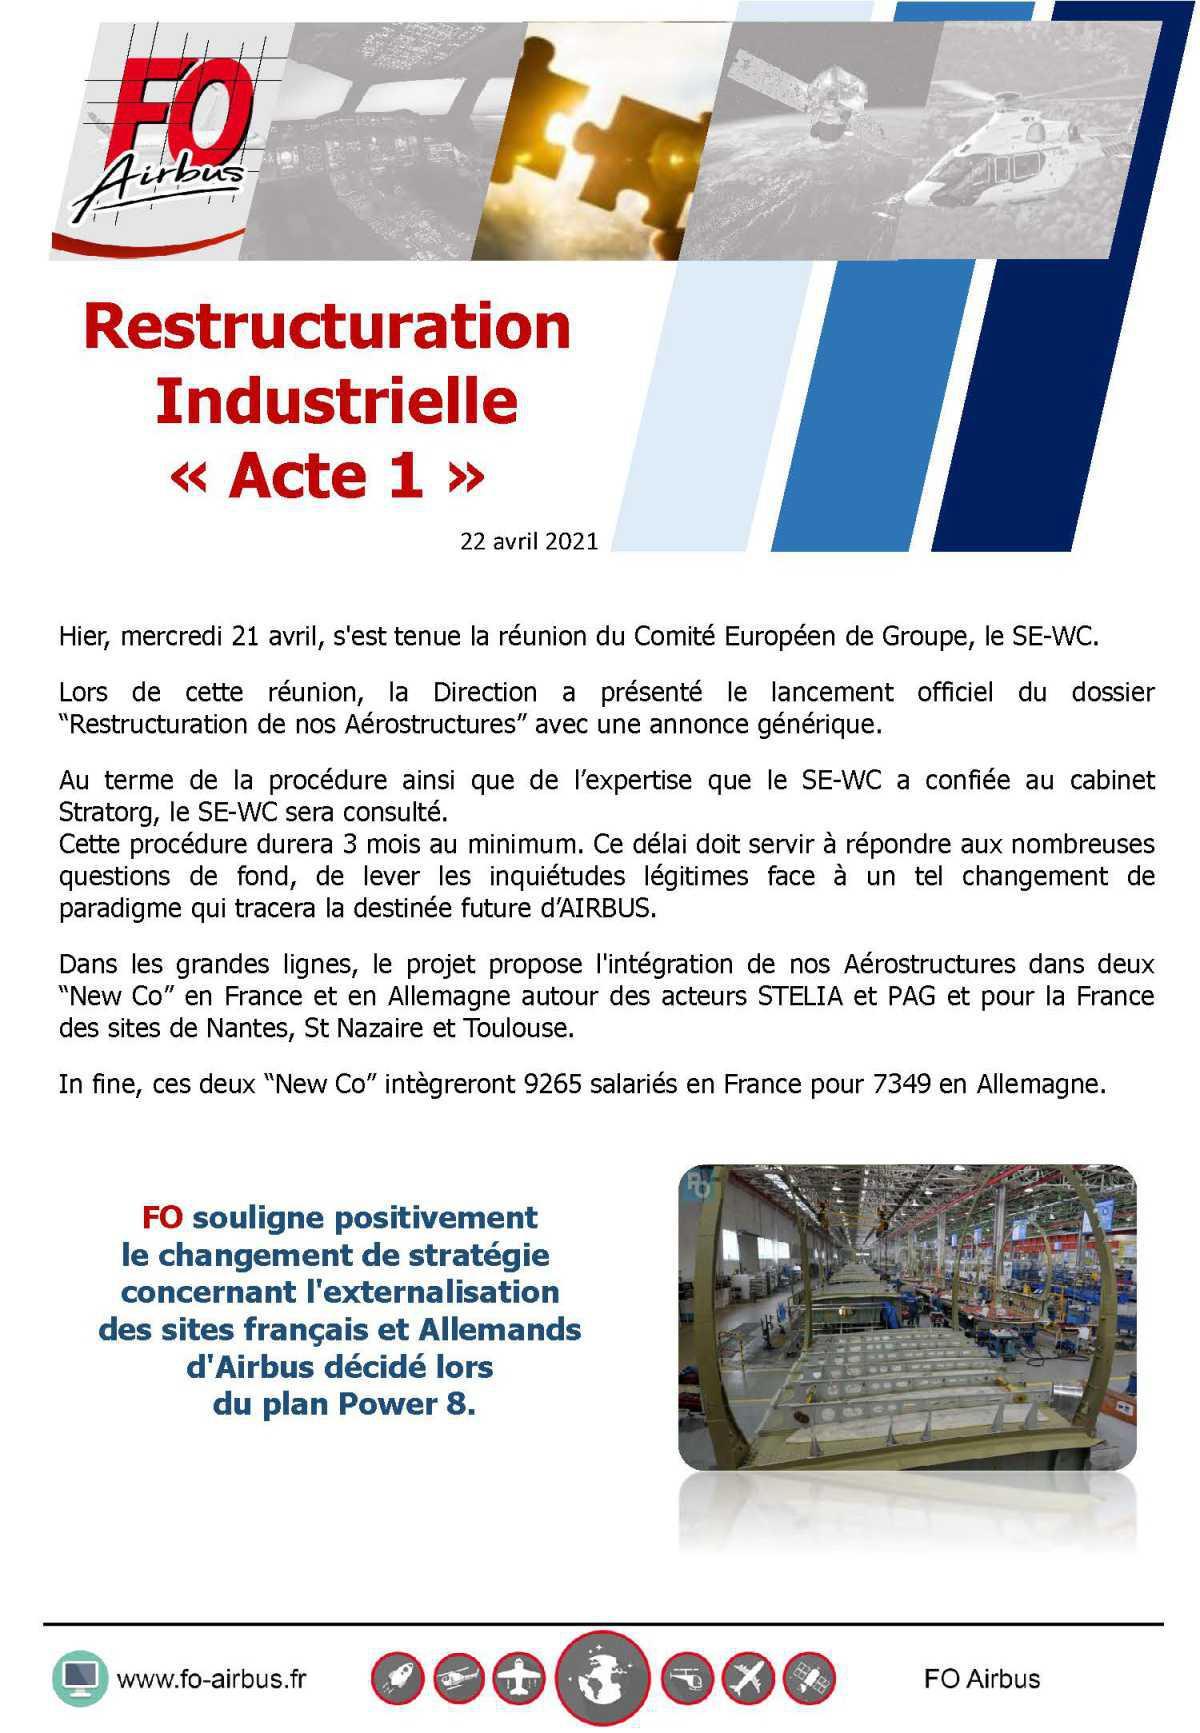 Restructuration Industrielle «Acte 1»